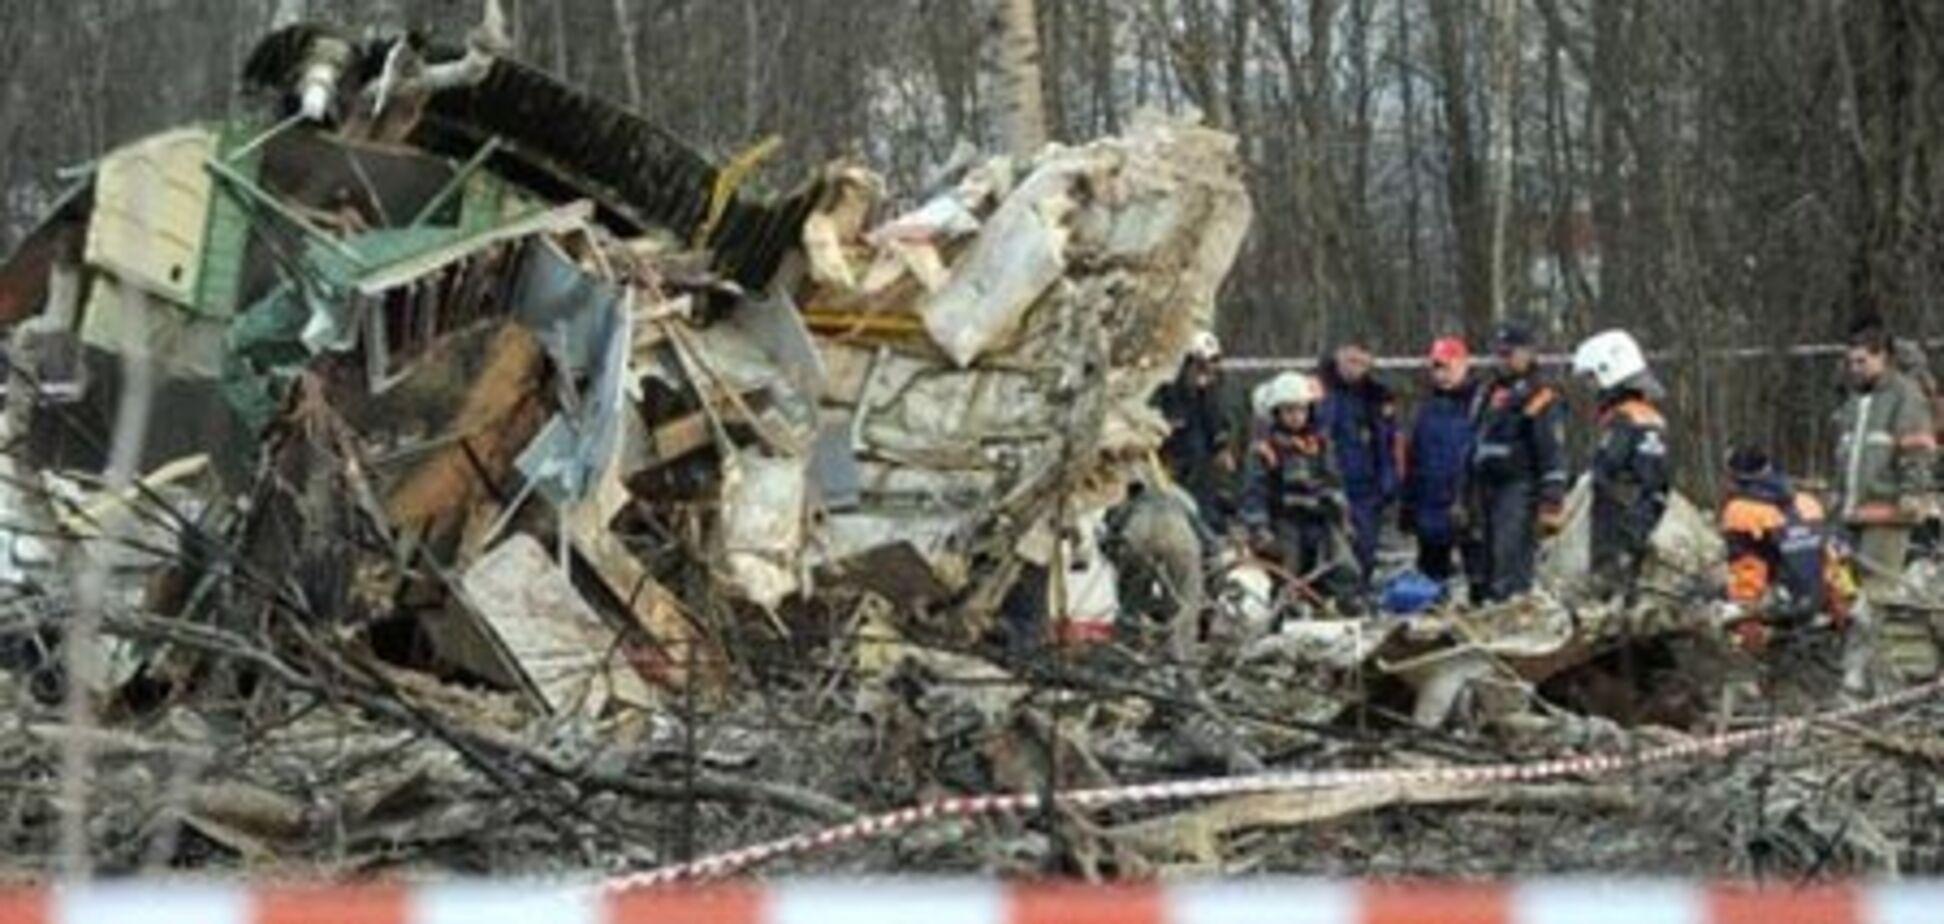 Загибель Качинського: Росія у всьому звинуватила загиблих поляків